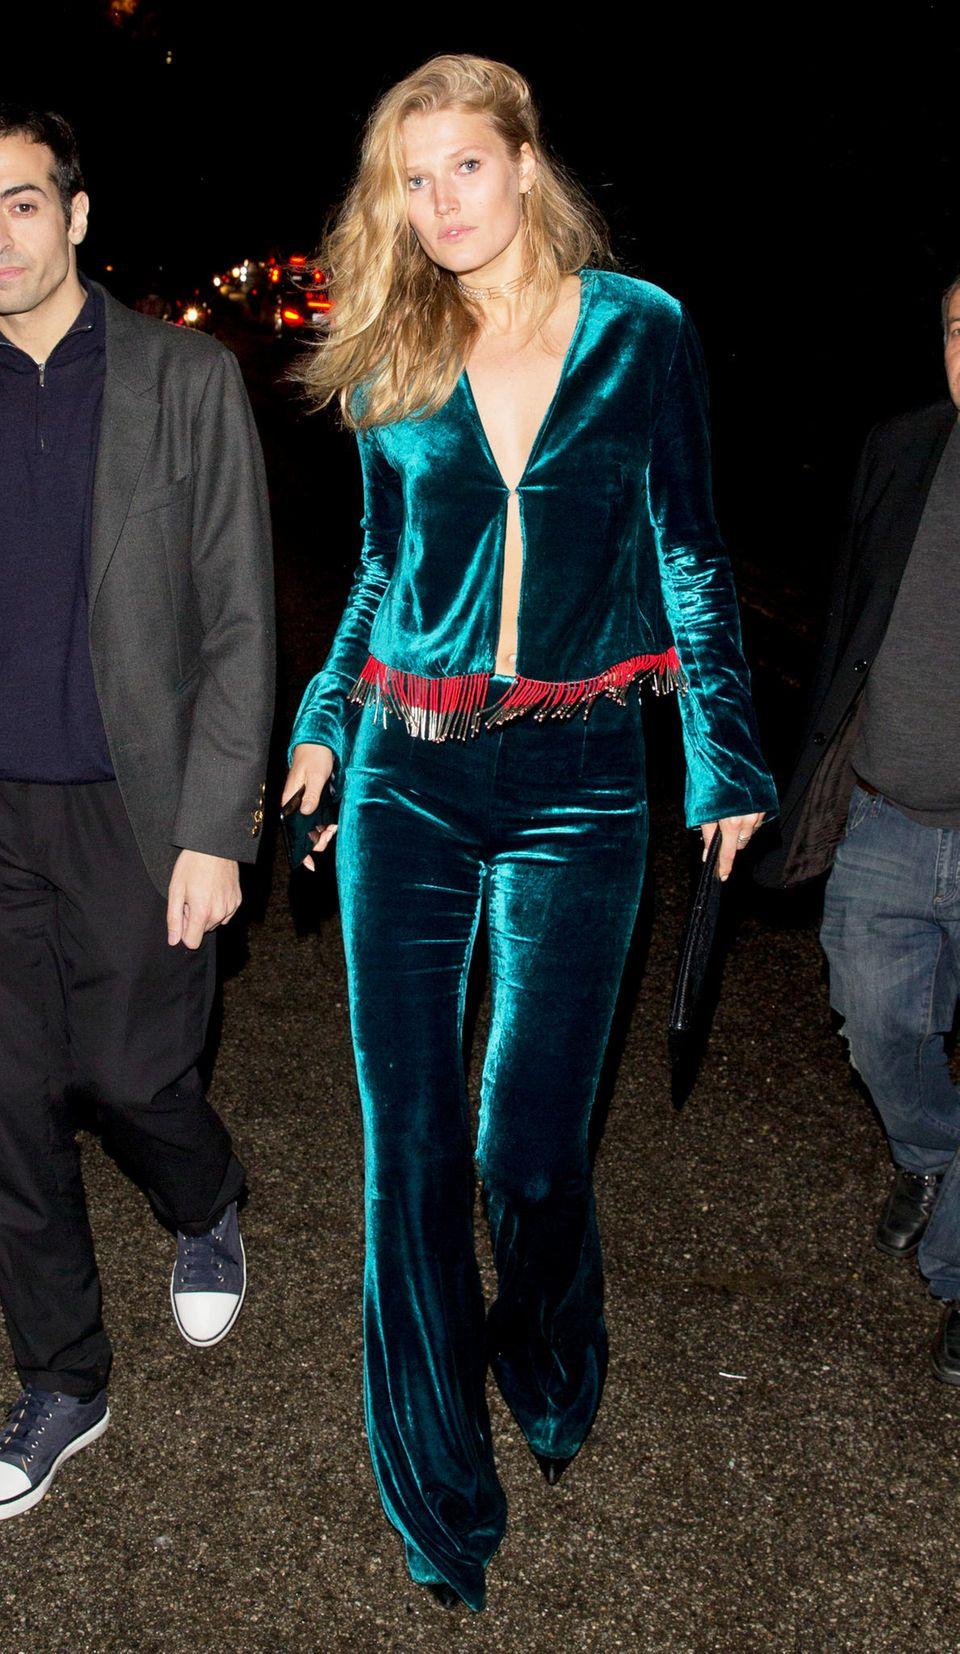 WME's Pre-Oscar Soiree  In diesem samtigen Zweiteiler könnte Toni Garrn problemlos zu einer ABBA-Themenparty gehen.